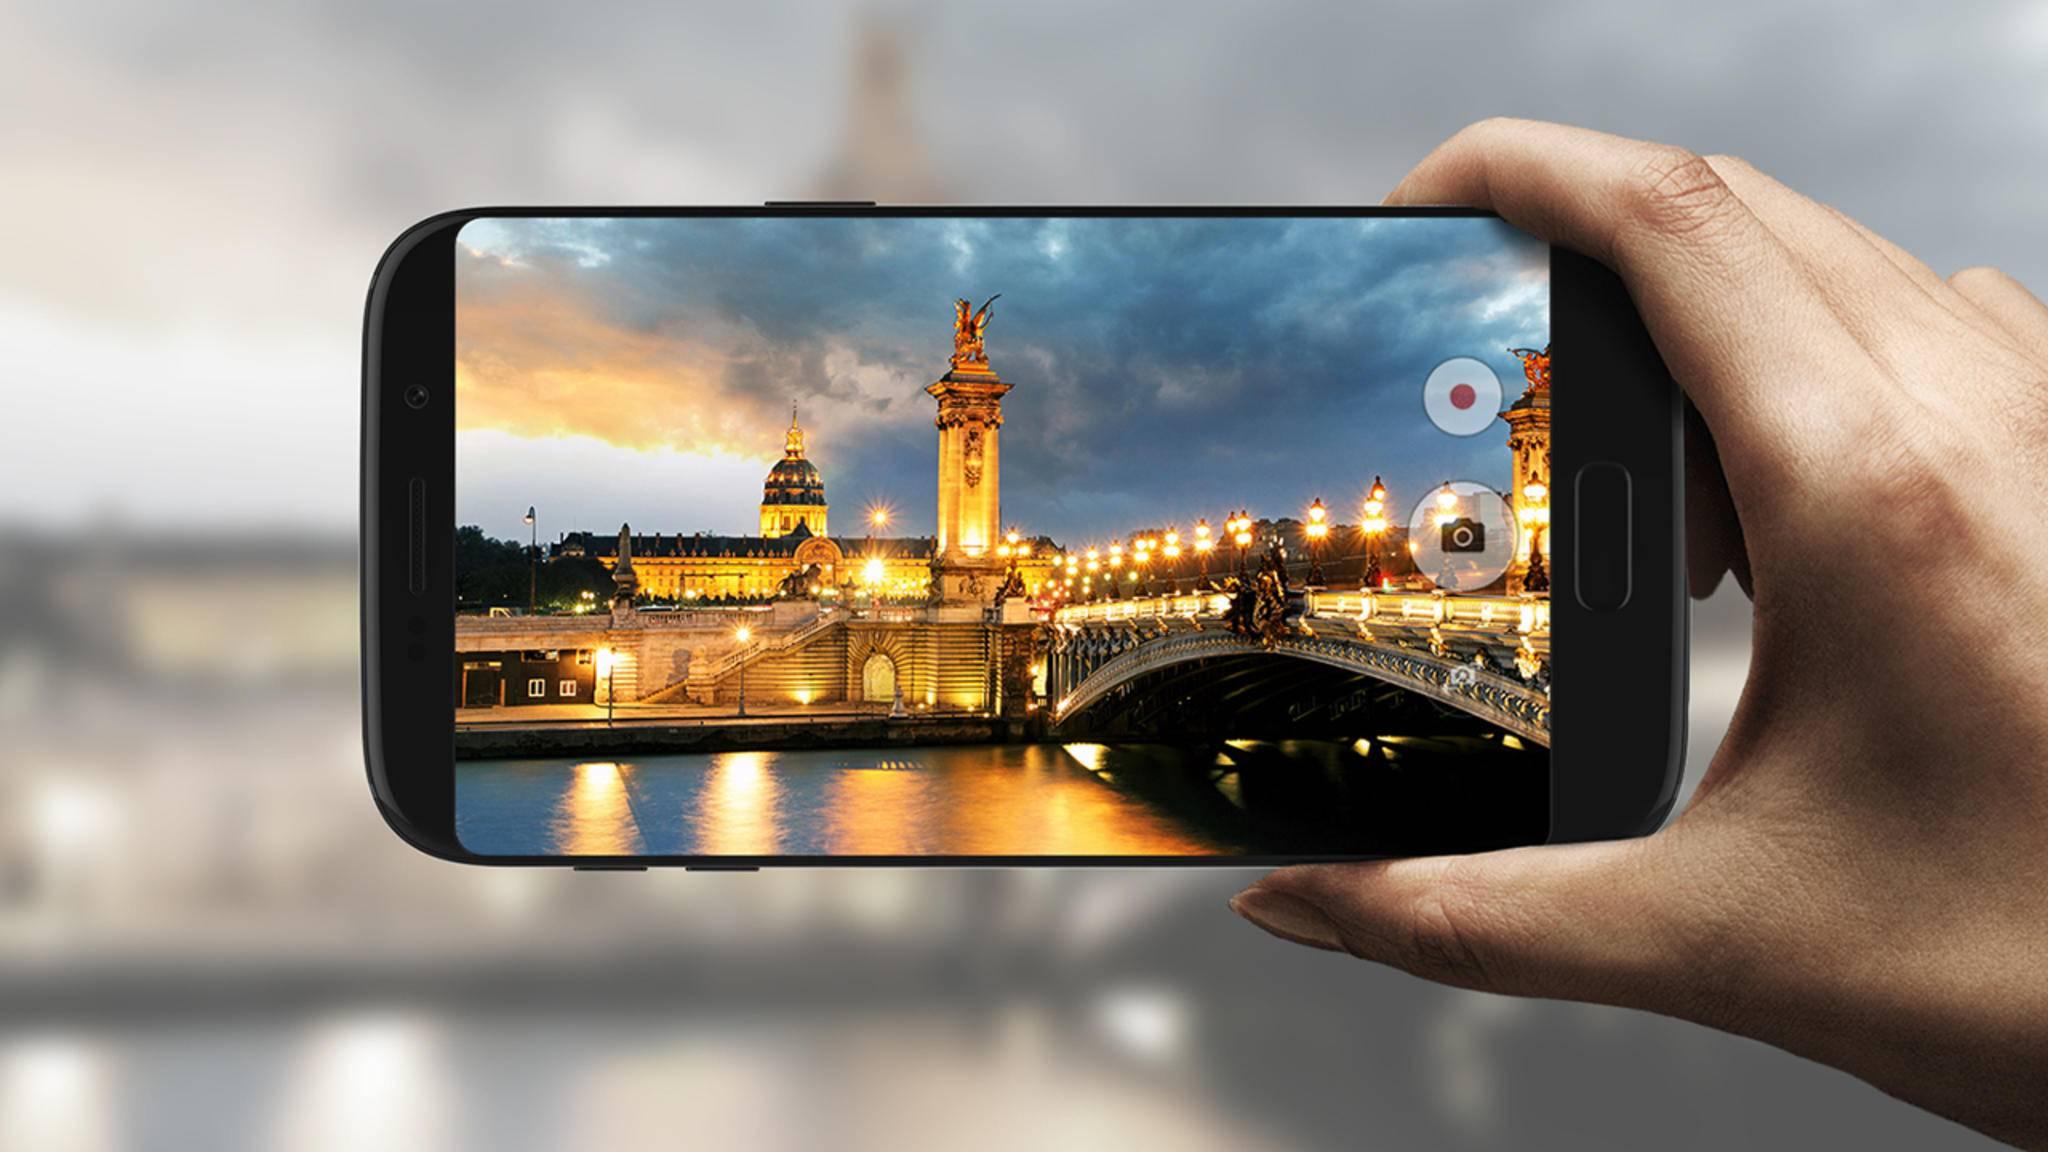 Das Galaxy S8 bestimmt auch diese Woche die Schlagzeilen.